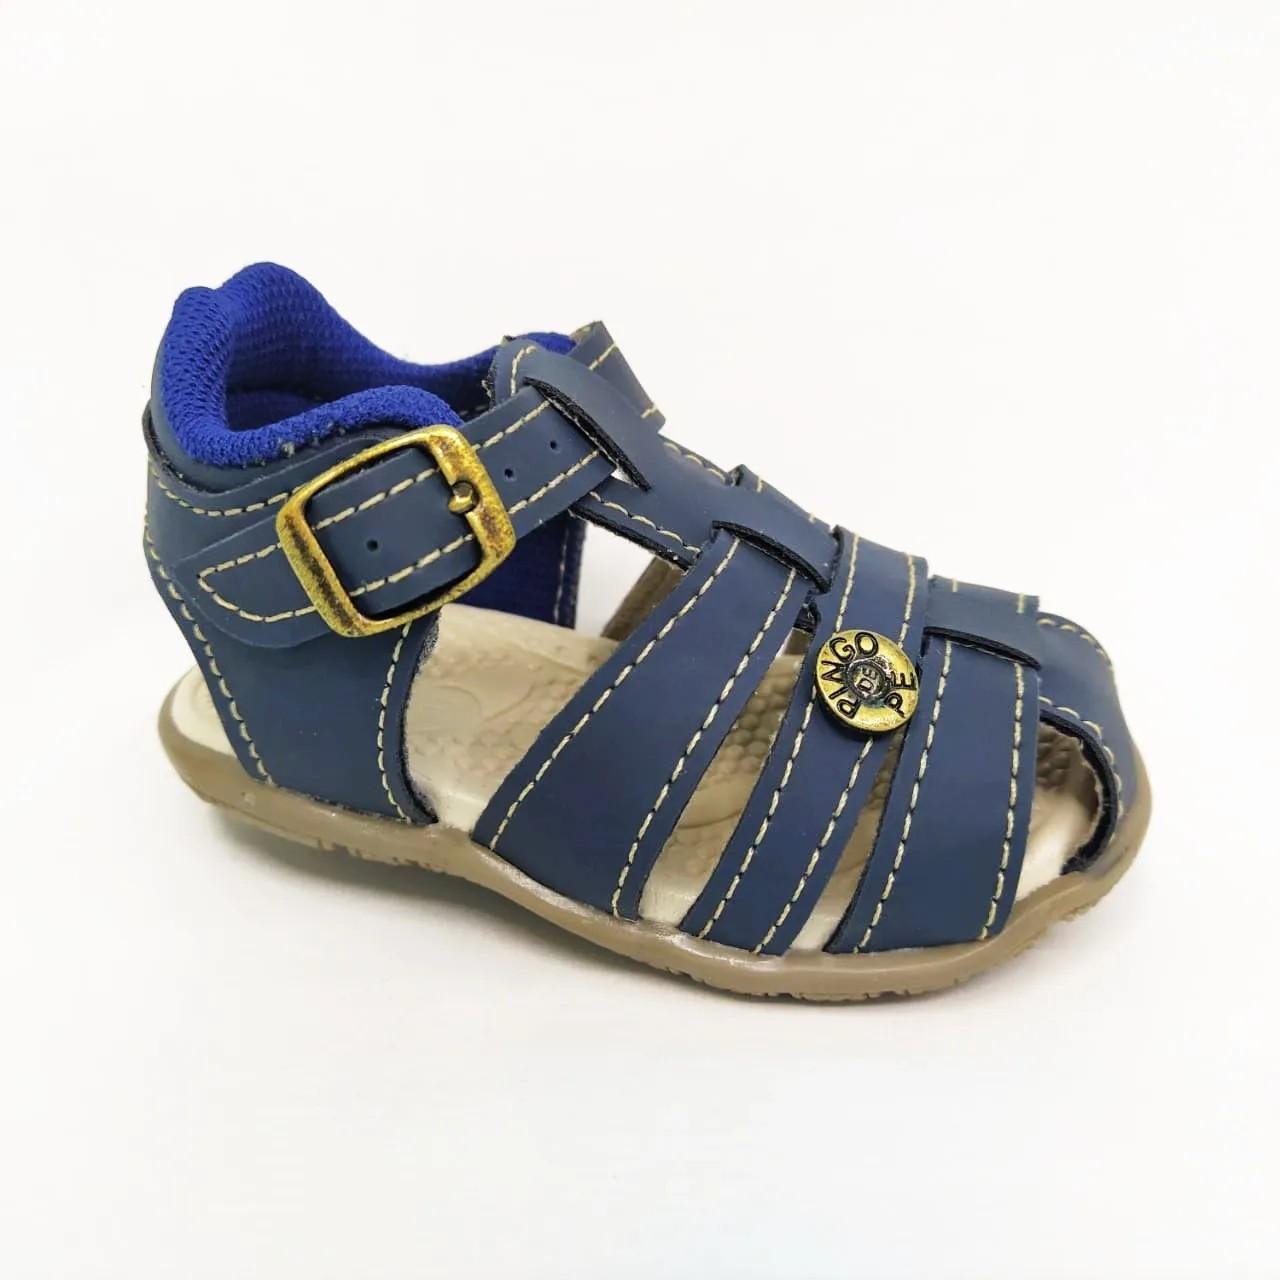 Sandália infantil Pingo de Pé 1392-011 - Marinho